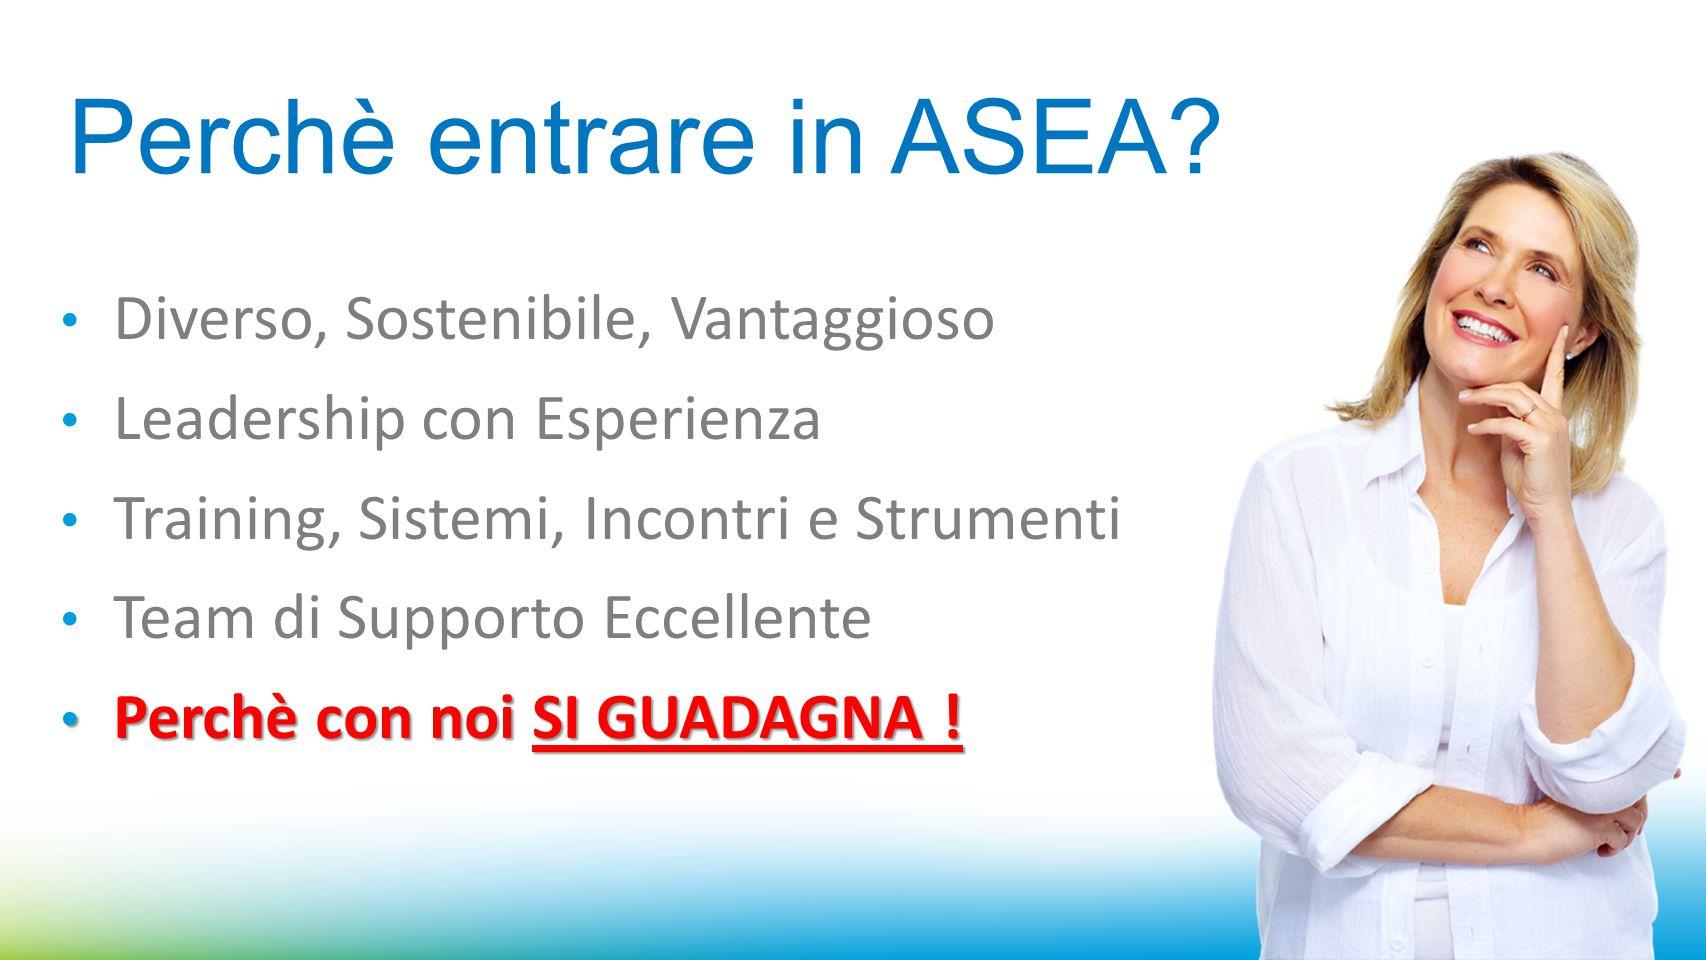 Perchè entrare in ASEA Diverso, Sostenibile, Vantaggioso